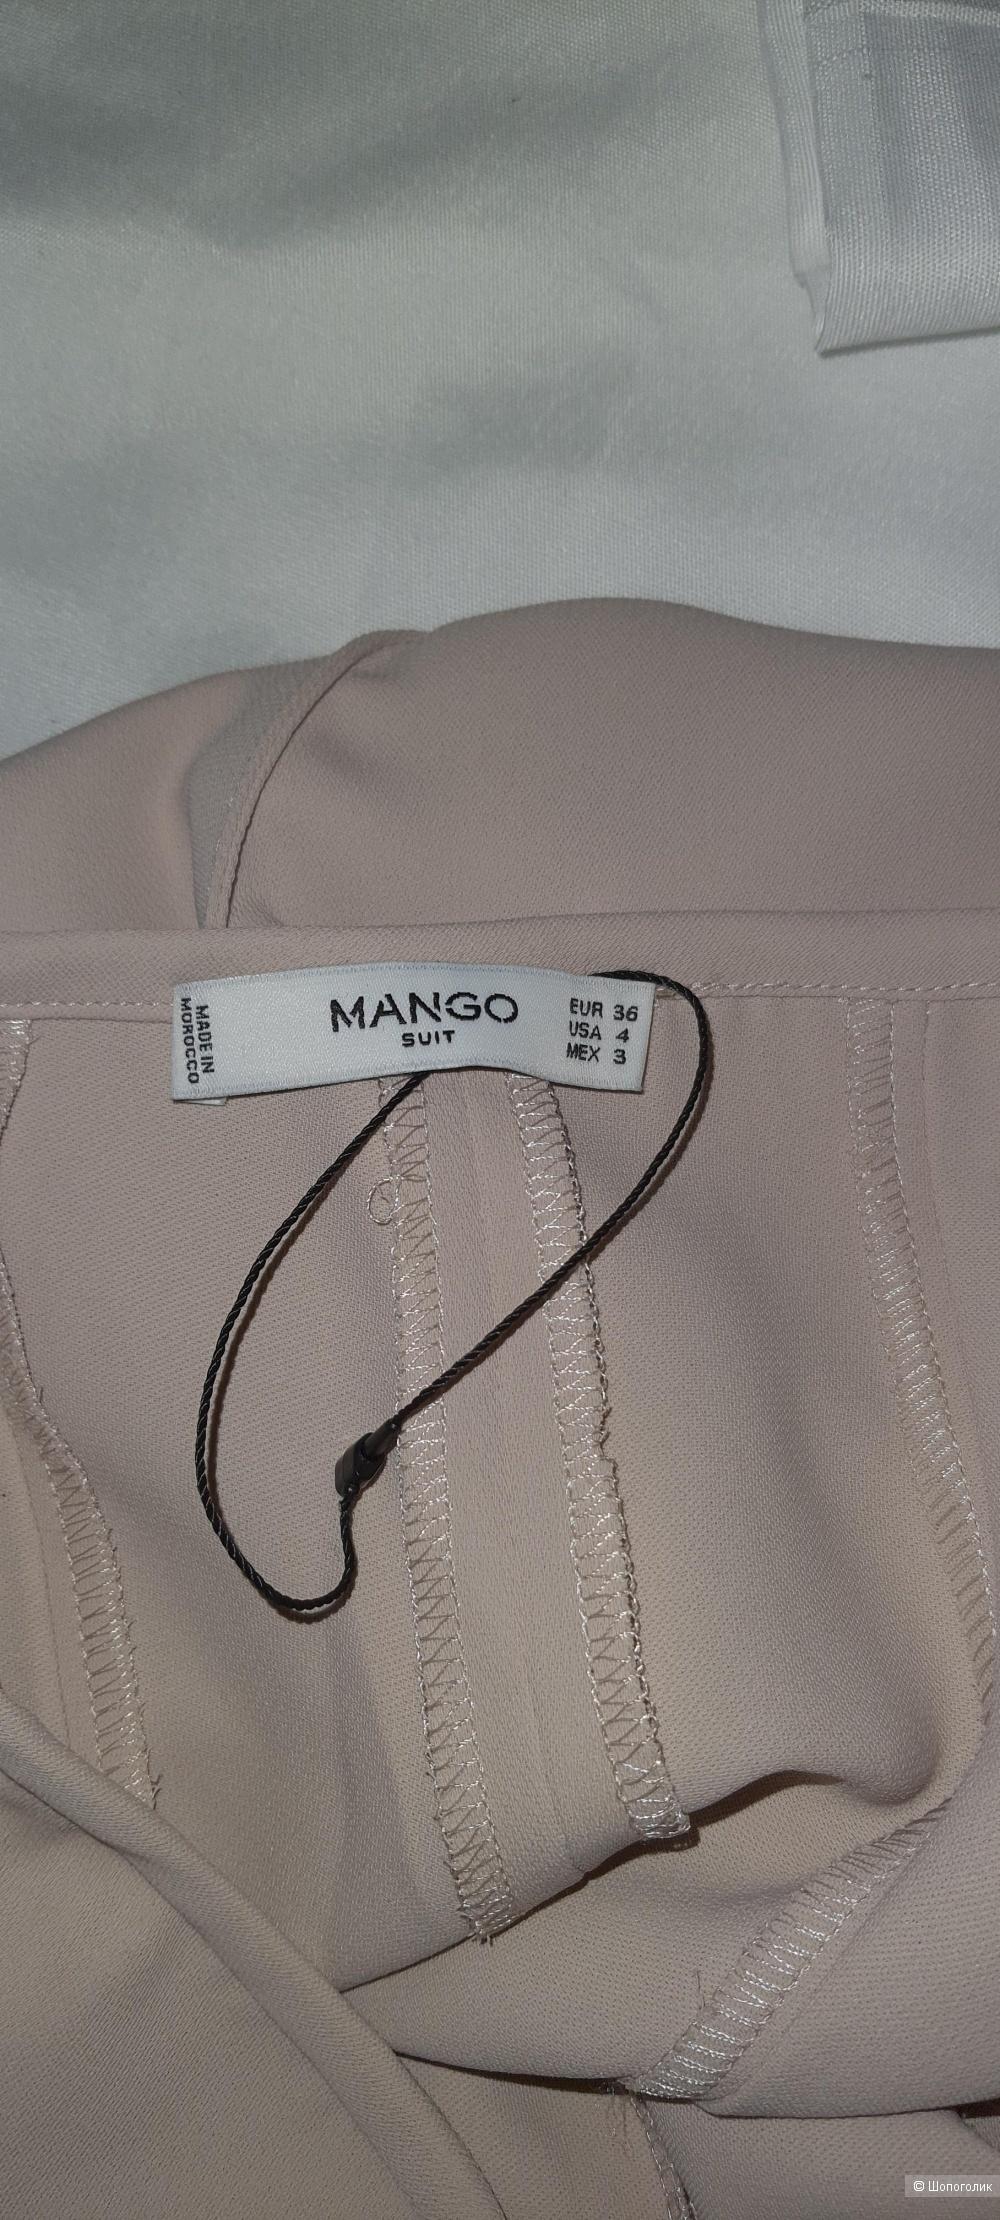 Брюки Mango размер 36EU